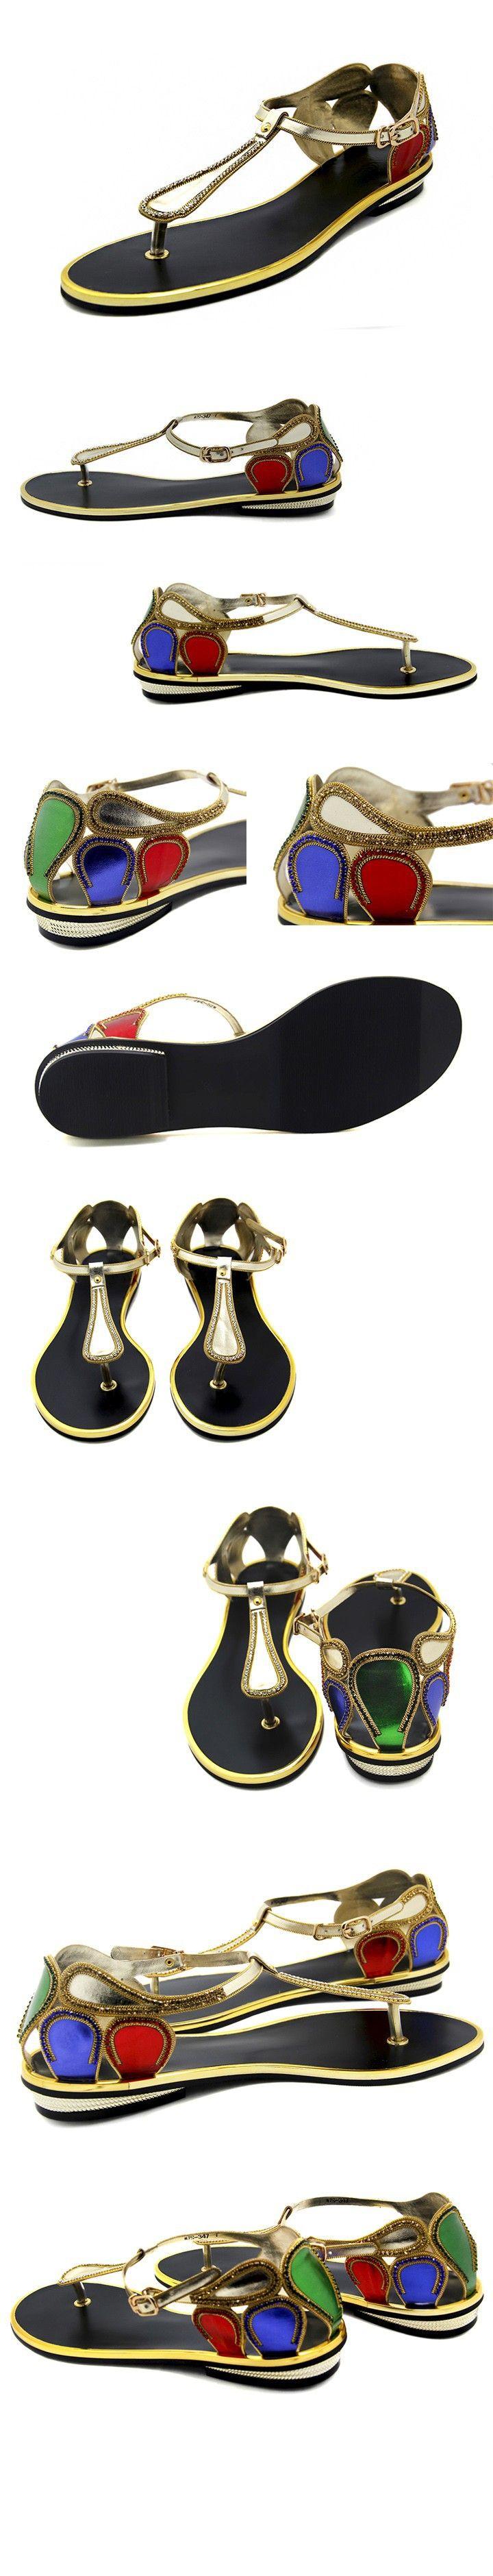 Diseñadores de la marca chanclas mujeres Casual sandalias de diamantes de imitación 2015 colores mezclados estilo zapatos de mujer de verano Flip zapatillas planas en Sandalias de las mujeres de Calzado en AliExpress.com   Alibaba Group